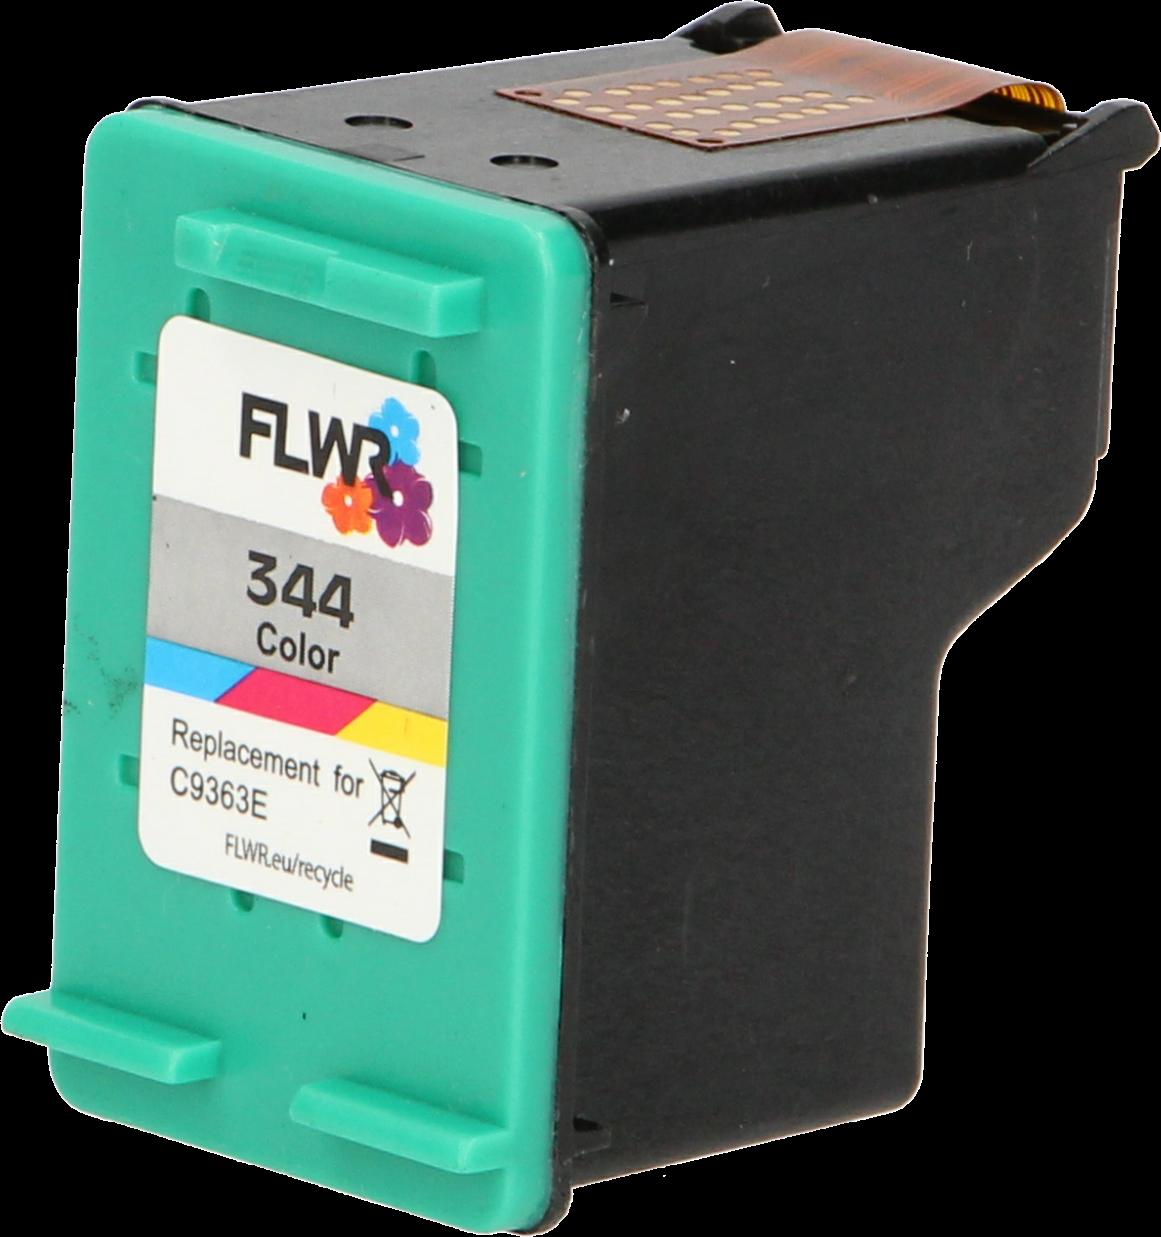 FLWR HP 344 kleur